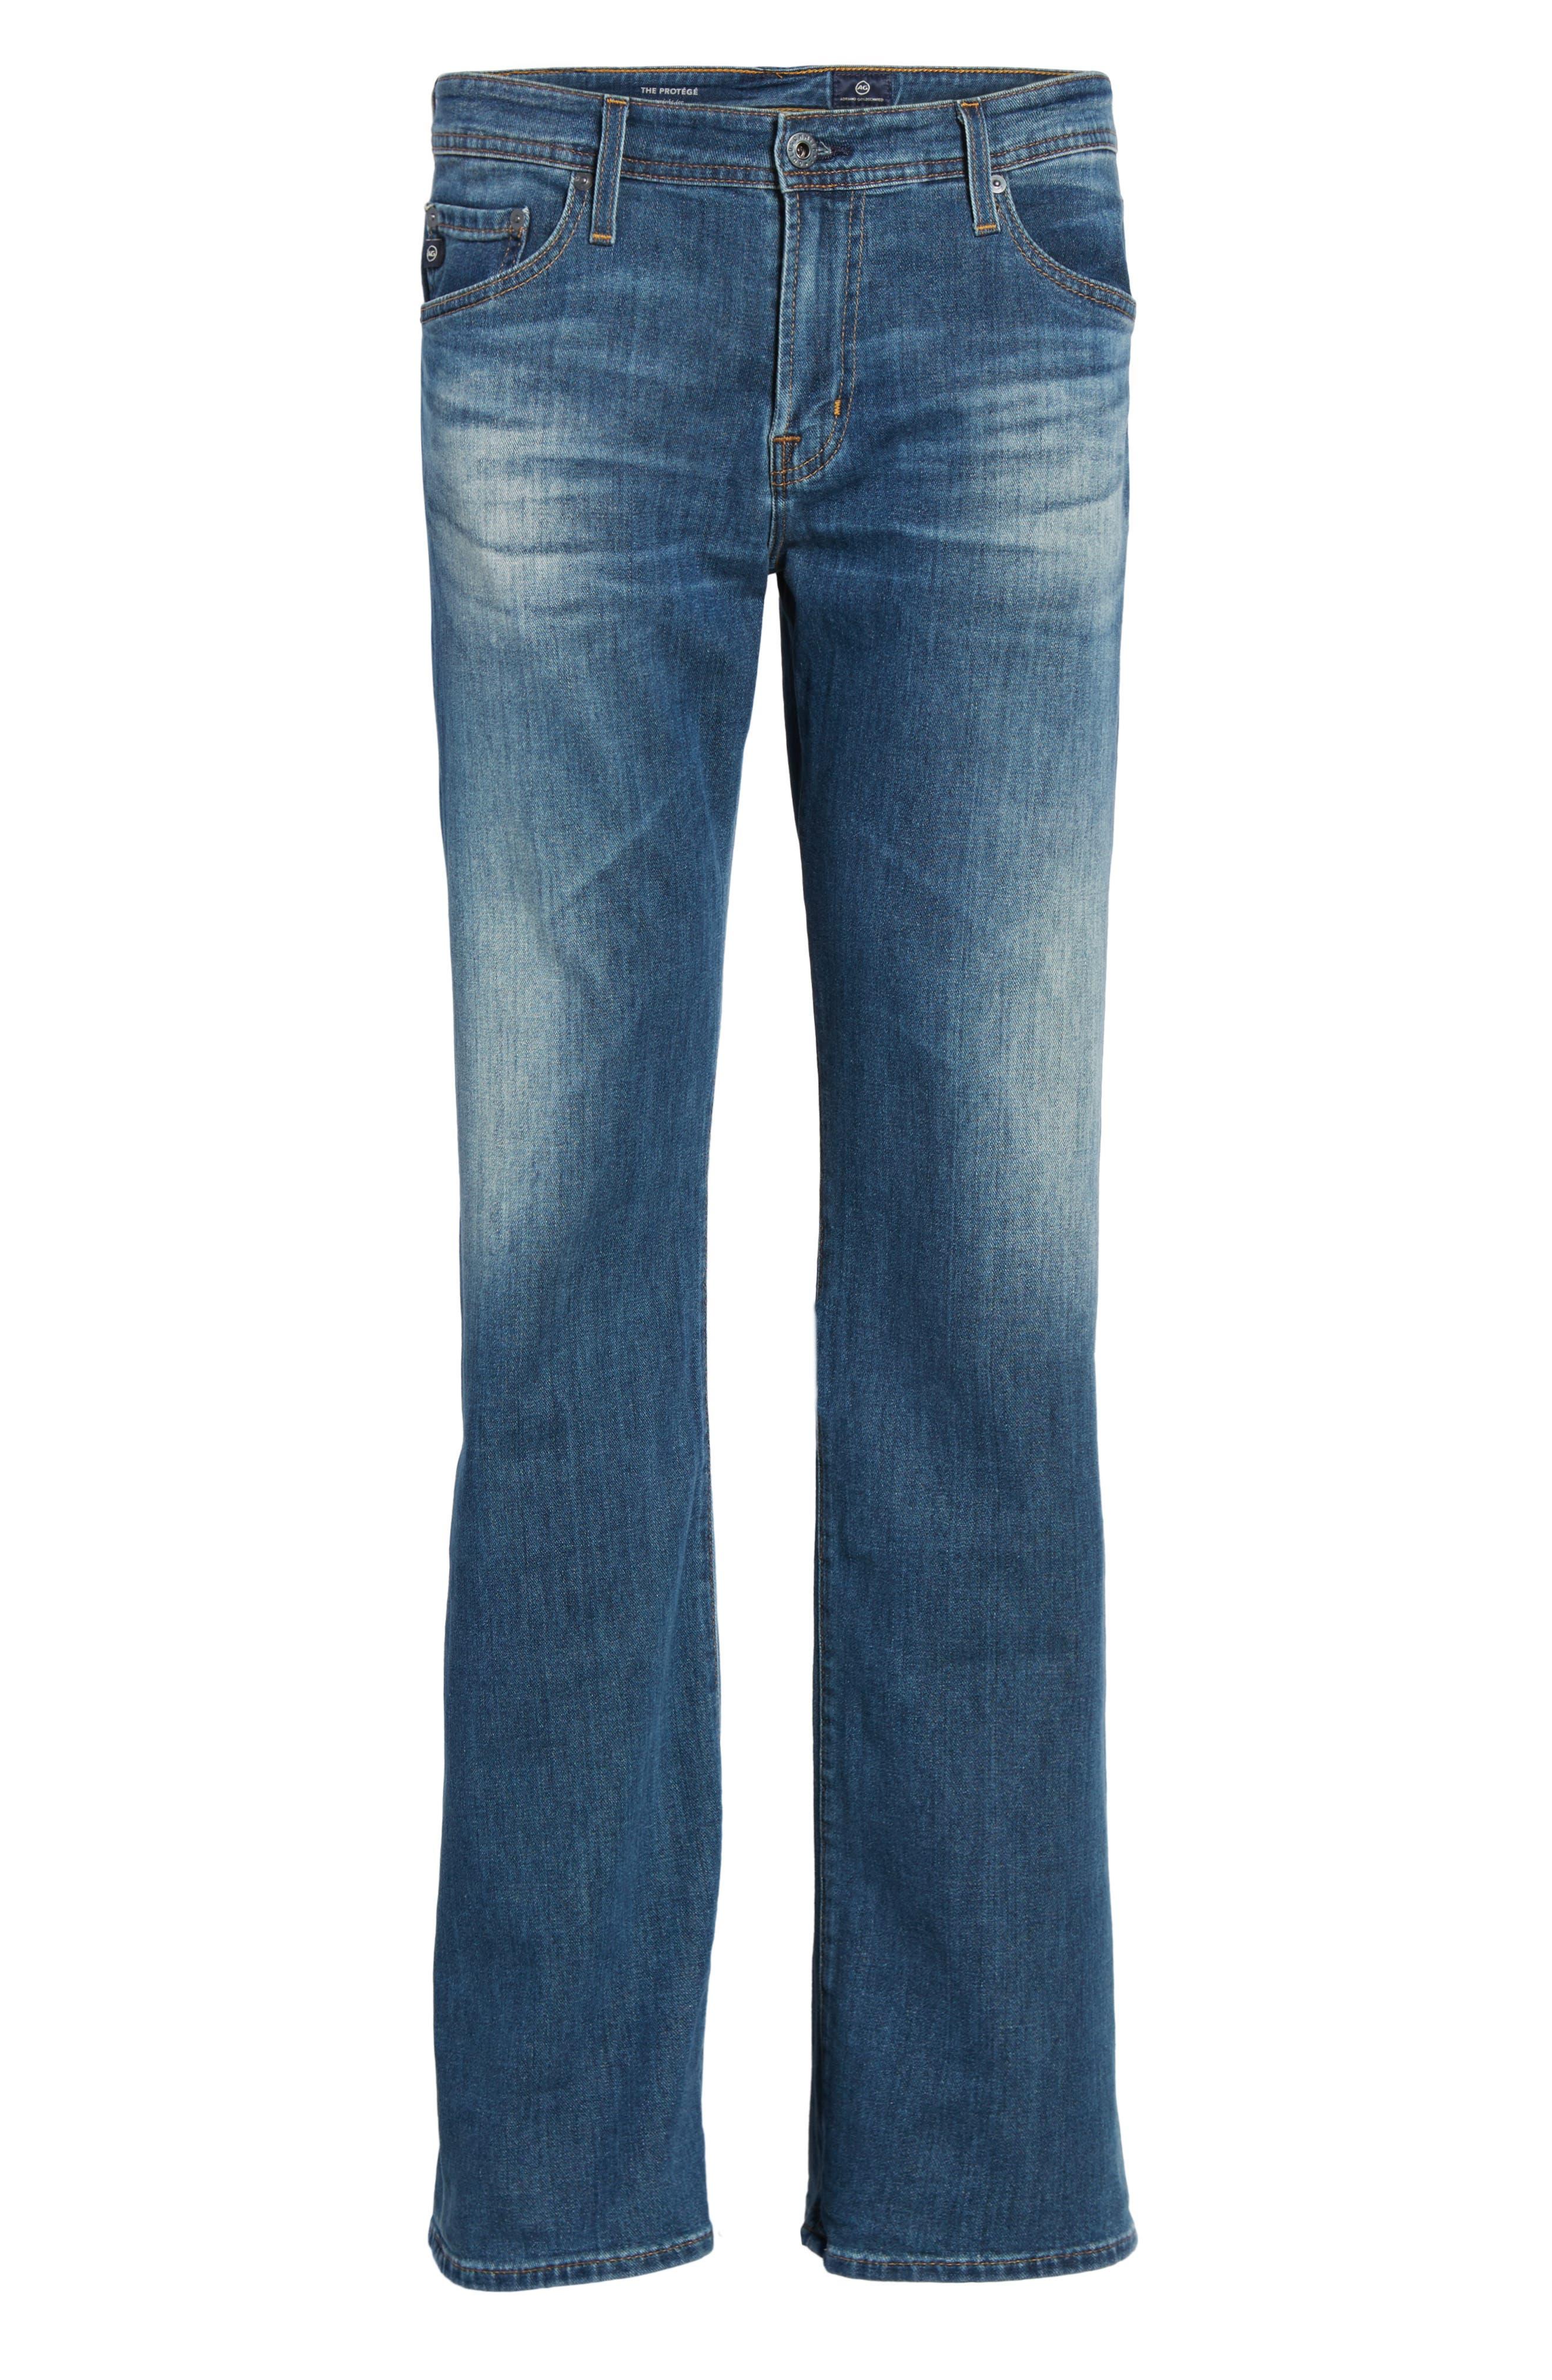 AG,                             Protégé Relaxed Fit Jeans,                             Alternate thumbnail 6, color,                             433